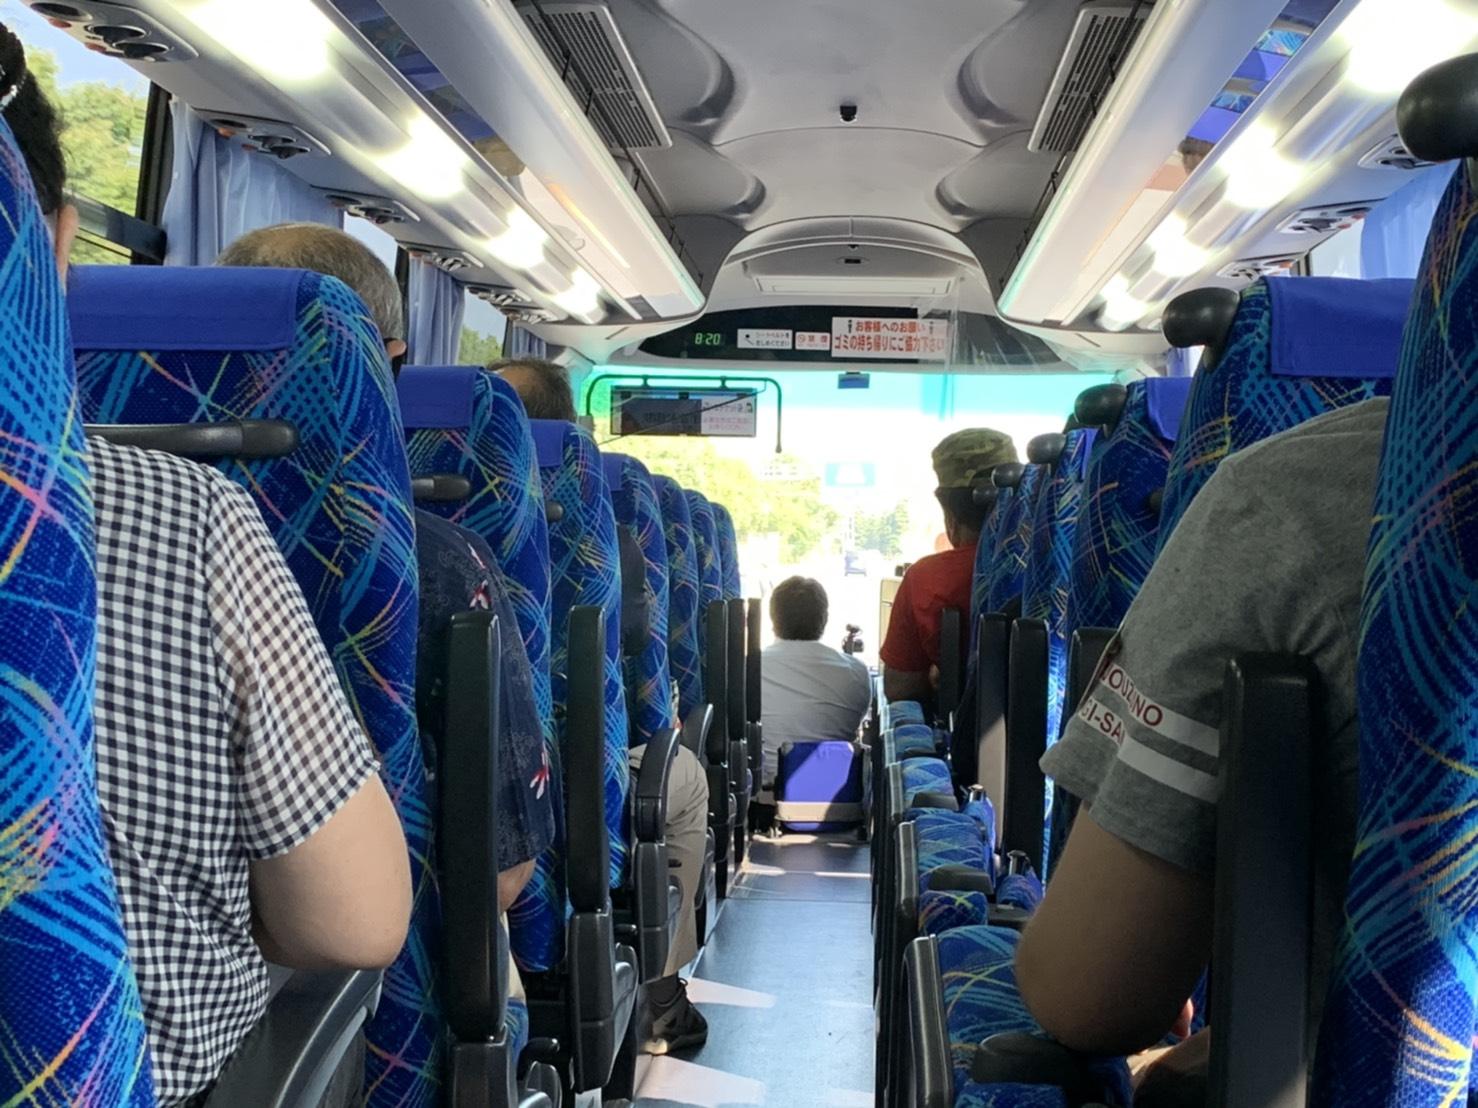 バスガイドさんは、お客さんの座席を向かず前を向いたままアナウンス!